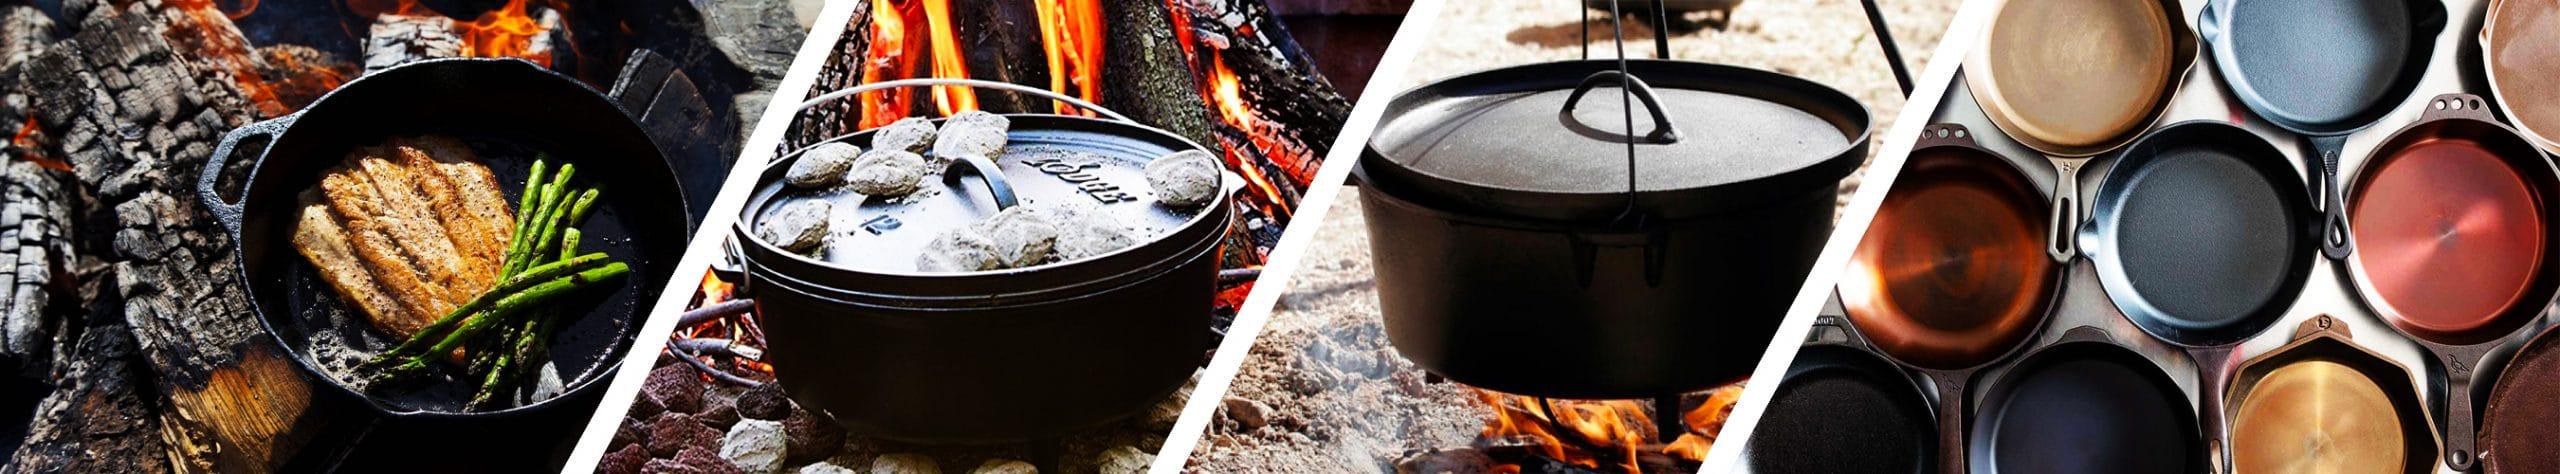 Lodge Cooking Indoor & outdoor